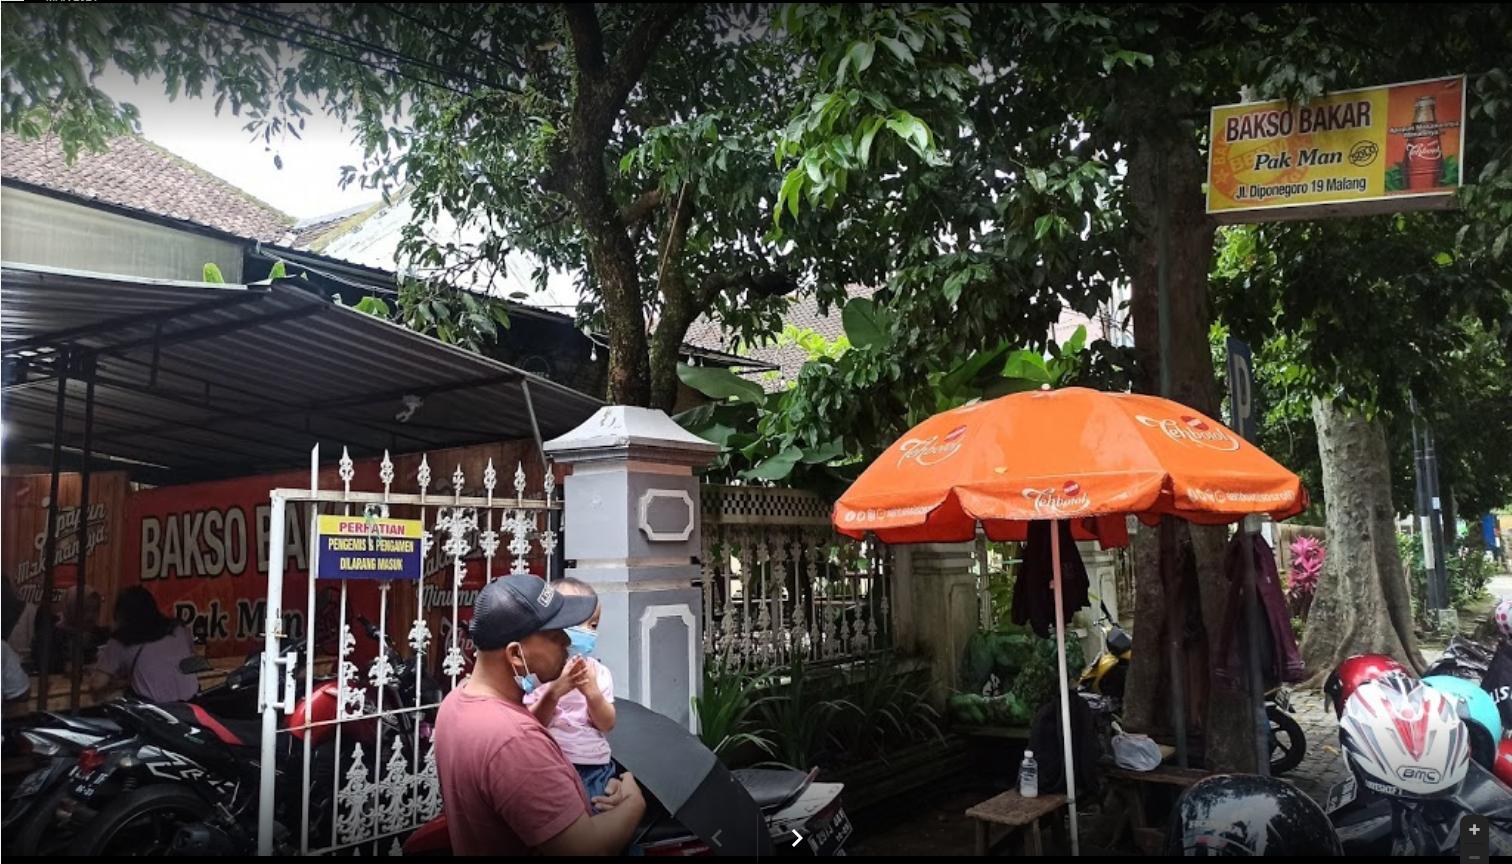 Memberikan gambaran mengenai lokasi Bakso Bakar Pak Man yang merupakan salah satu bakso enak dan murah di Malang